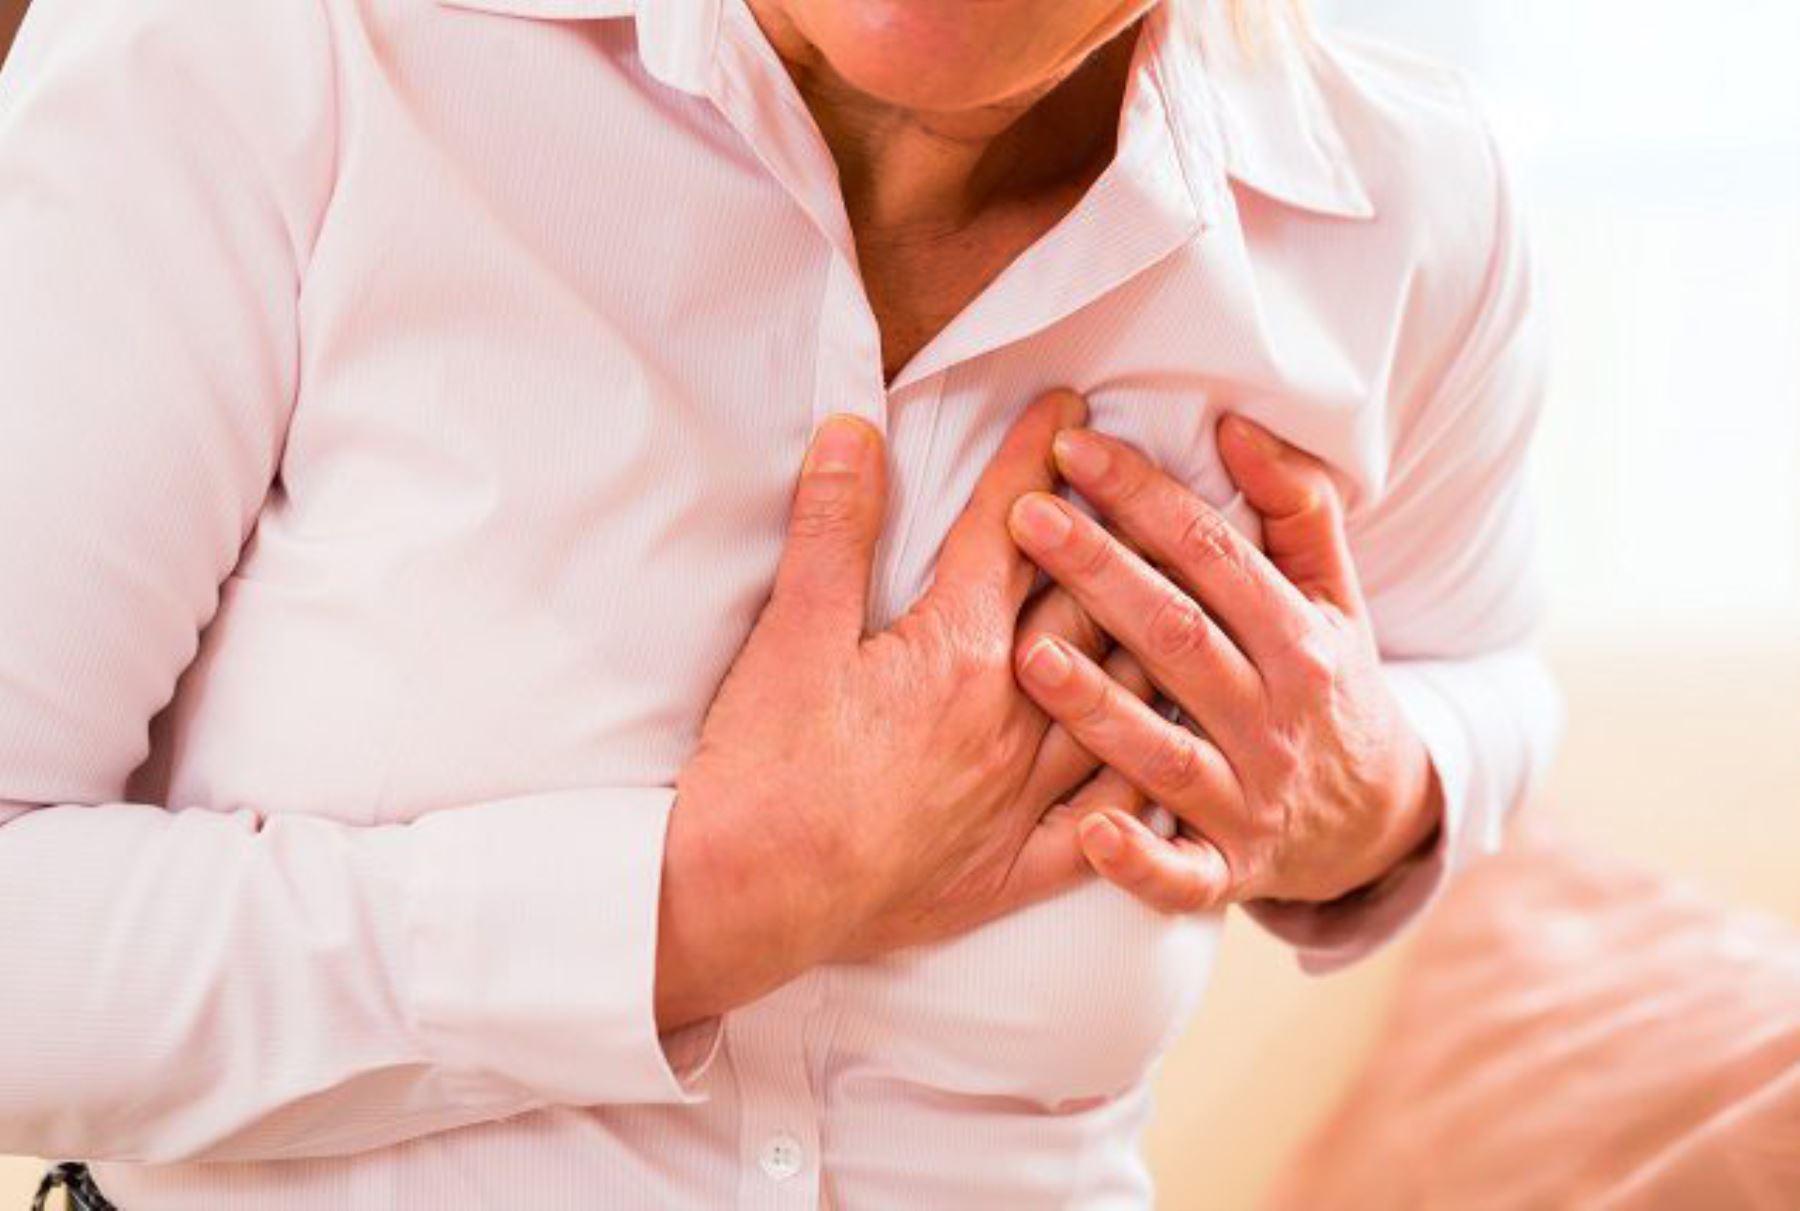 ¡Alerta! Problemas al corazón que terminan en muerte son provocadas por hipertensión   Noticias